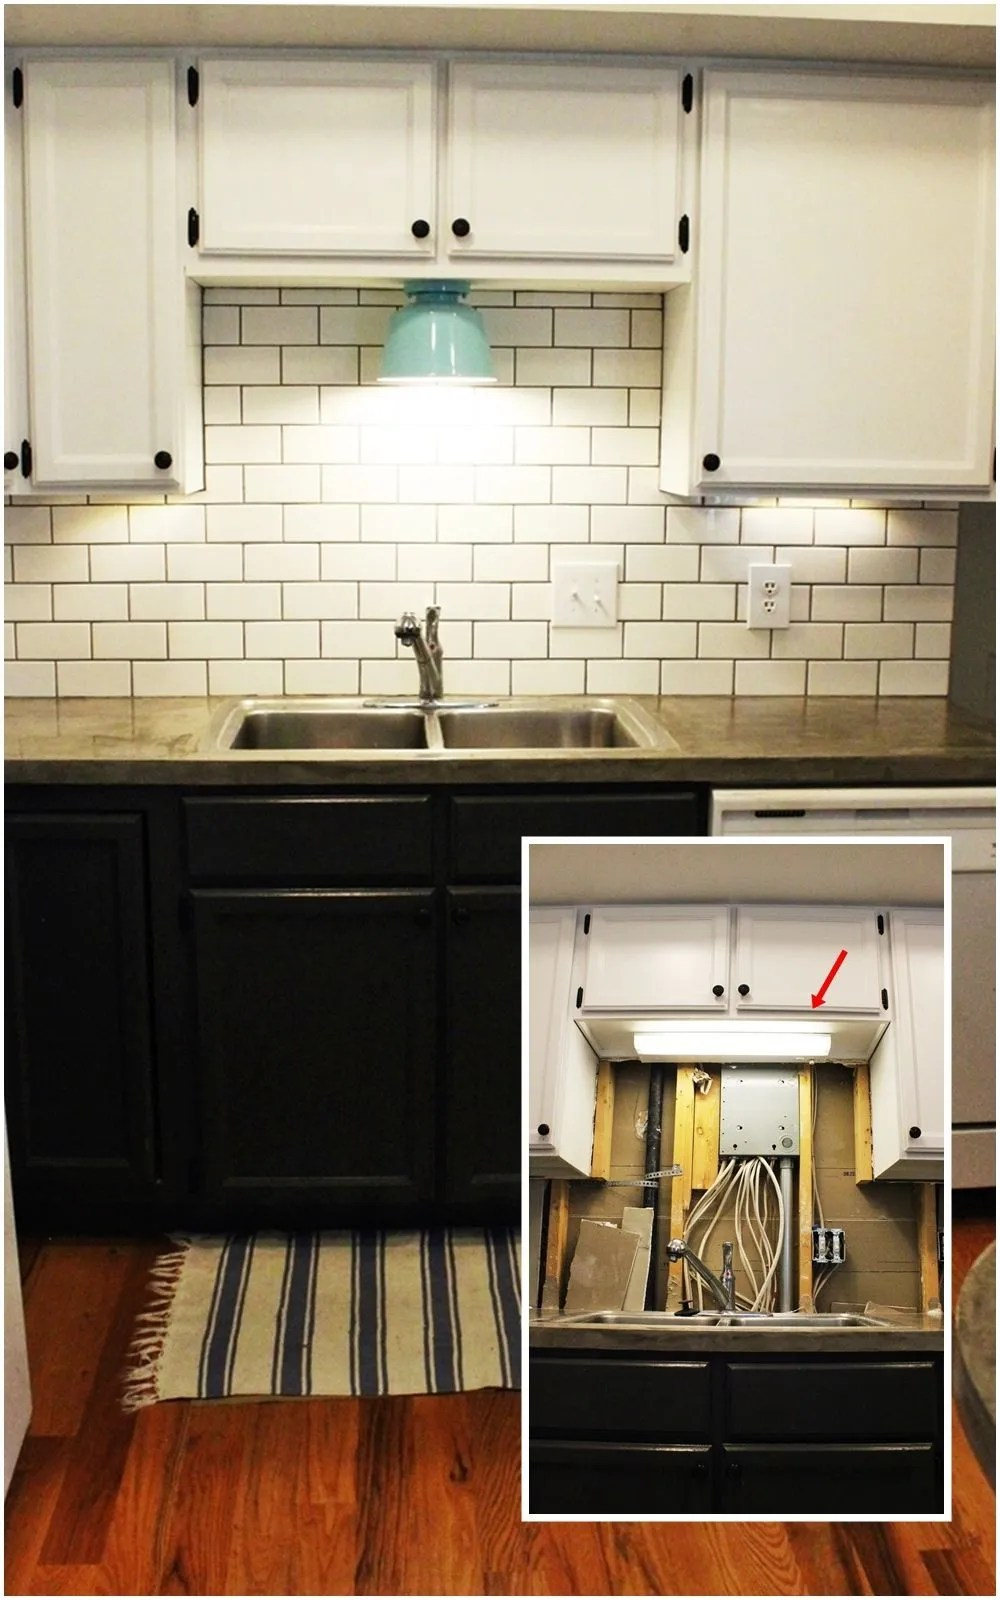 hight resolution of diy kitchen lighting upgrade led under cabinet lights above the sink light